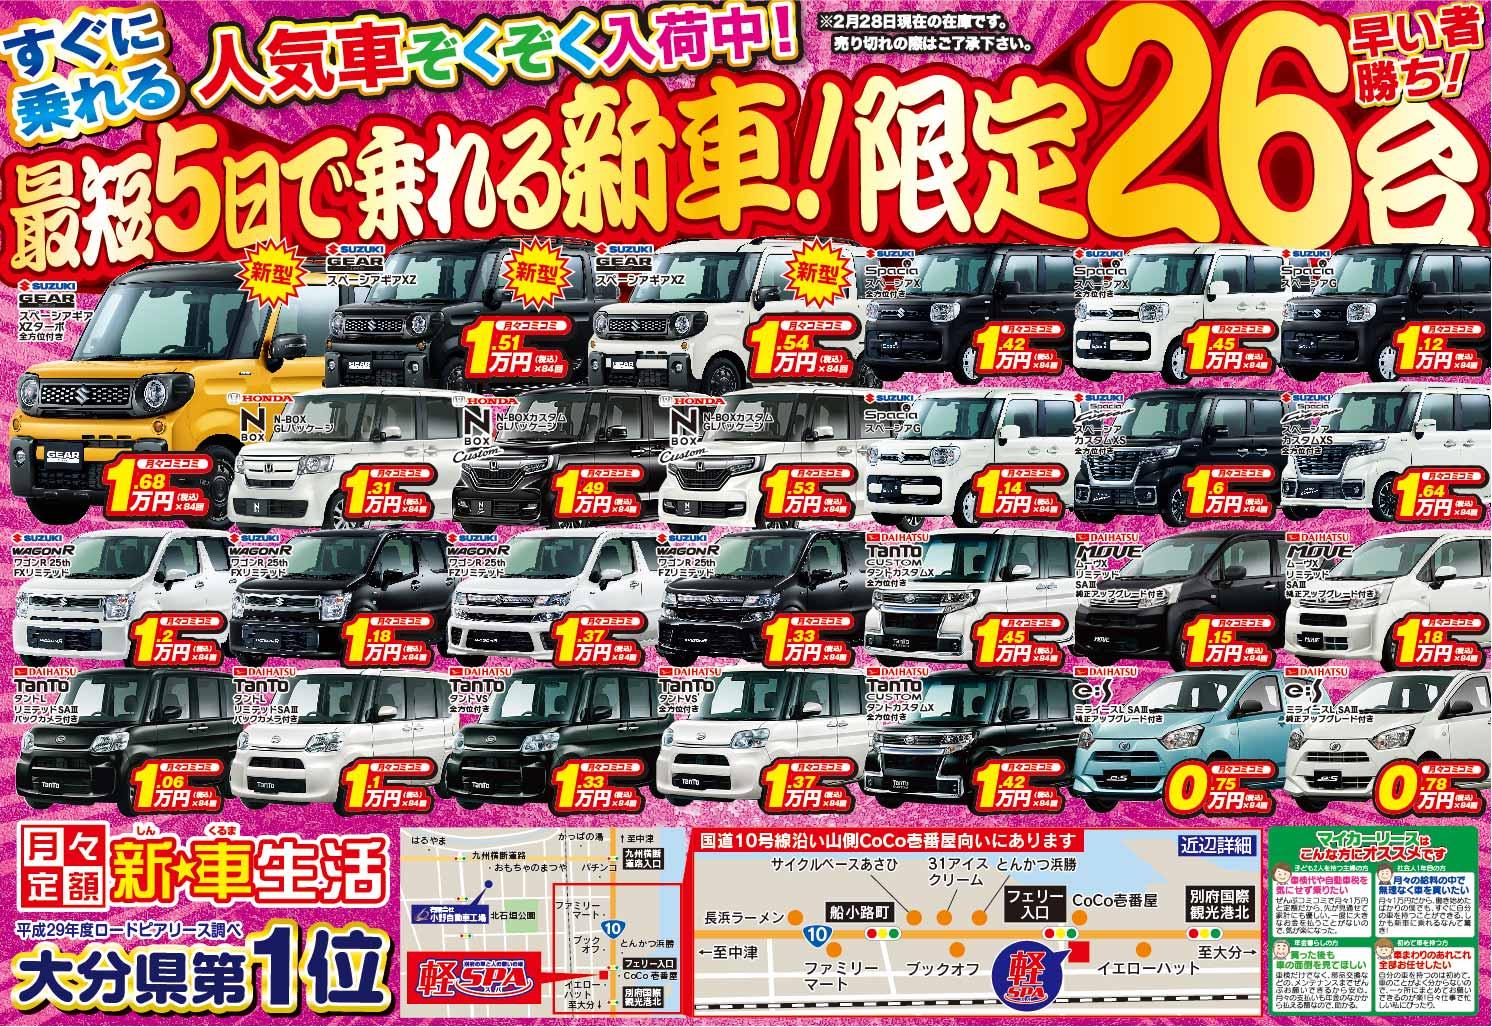 小野自動車工場、平成最後の大決算